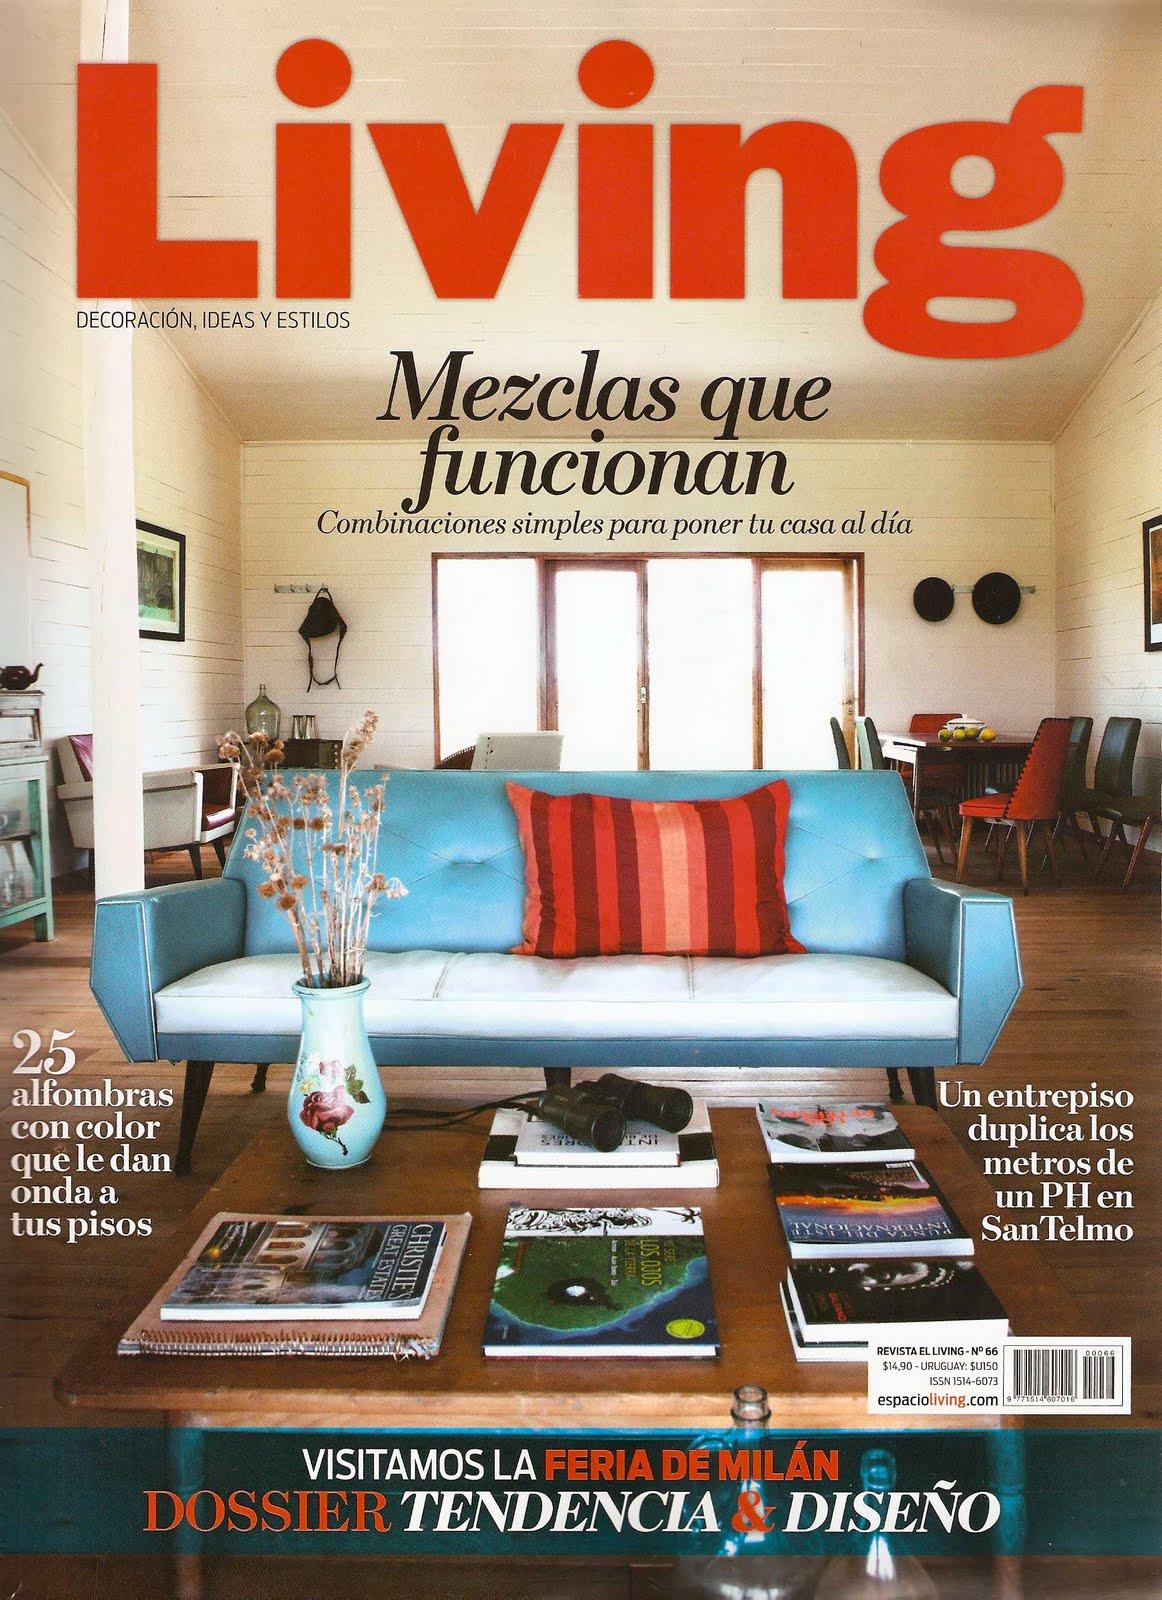 revista living especial alfombras pistas de vuelo